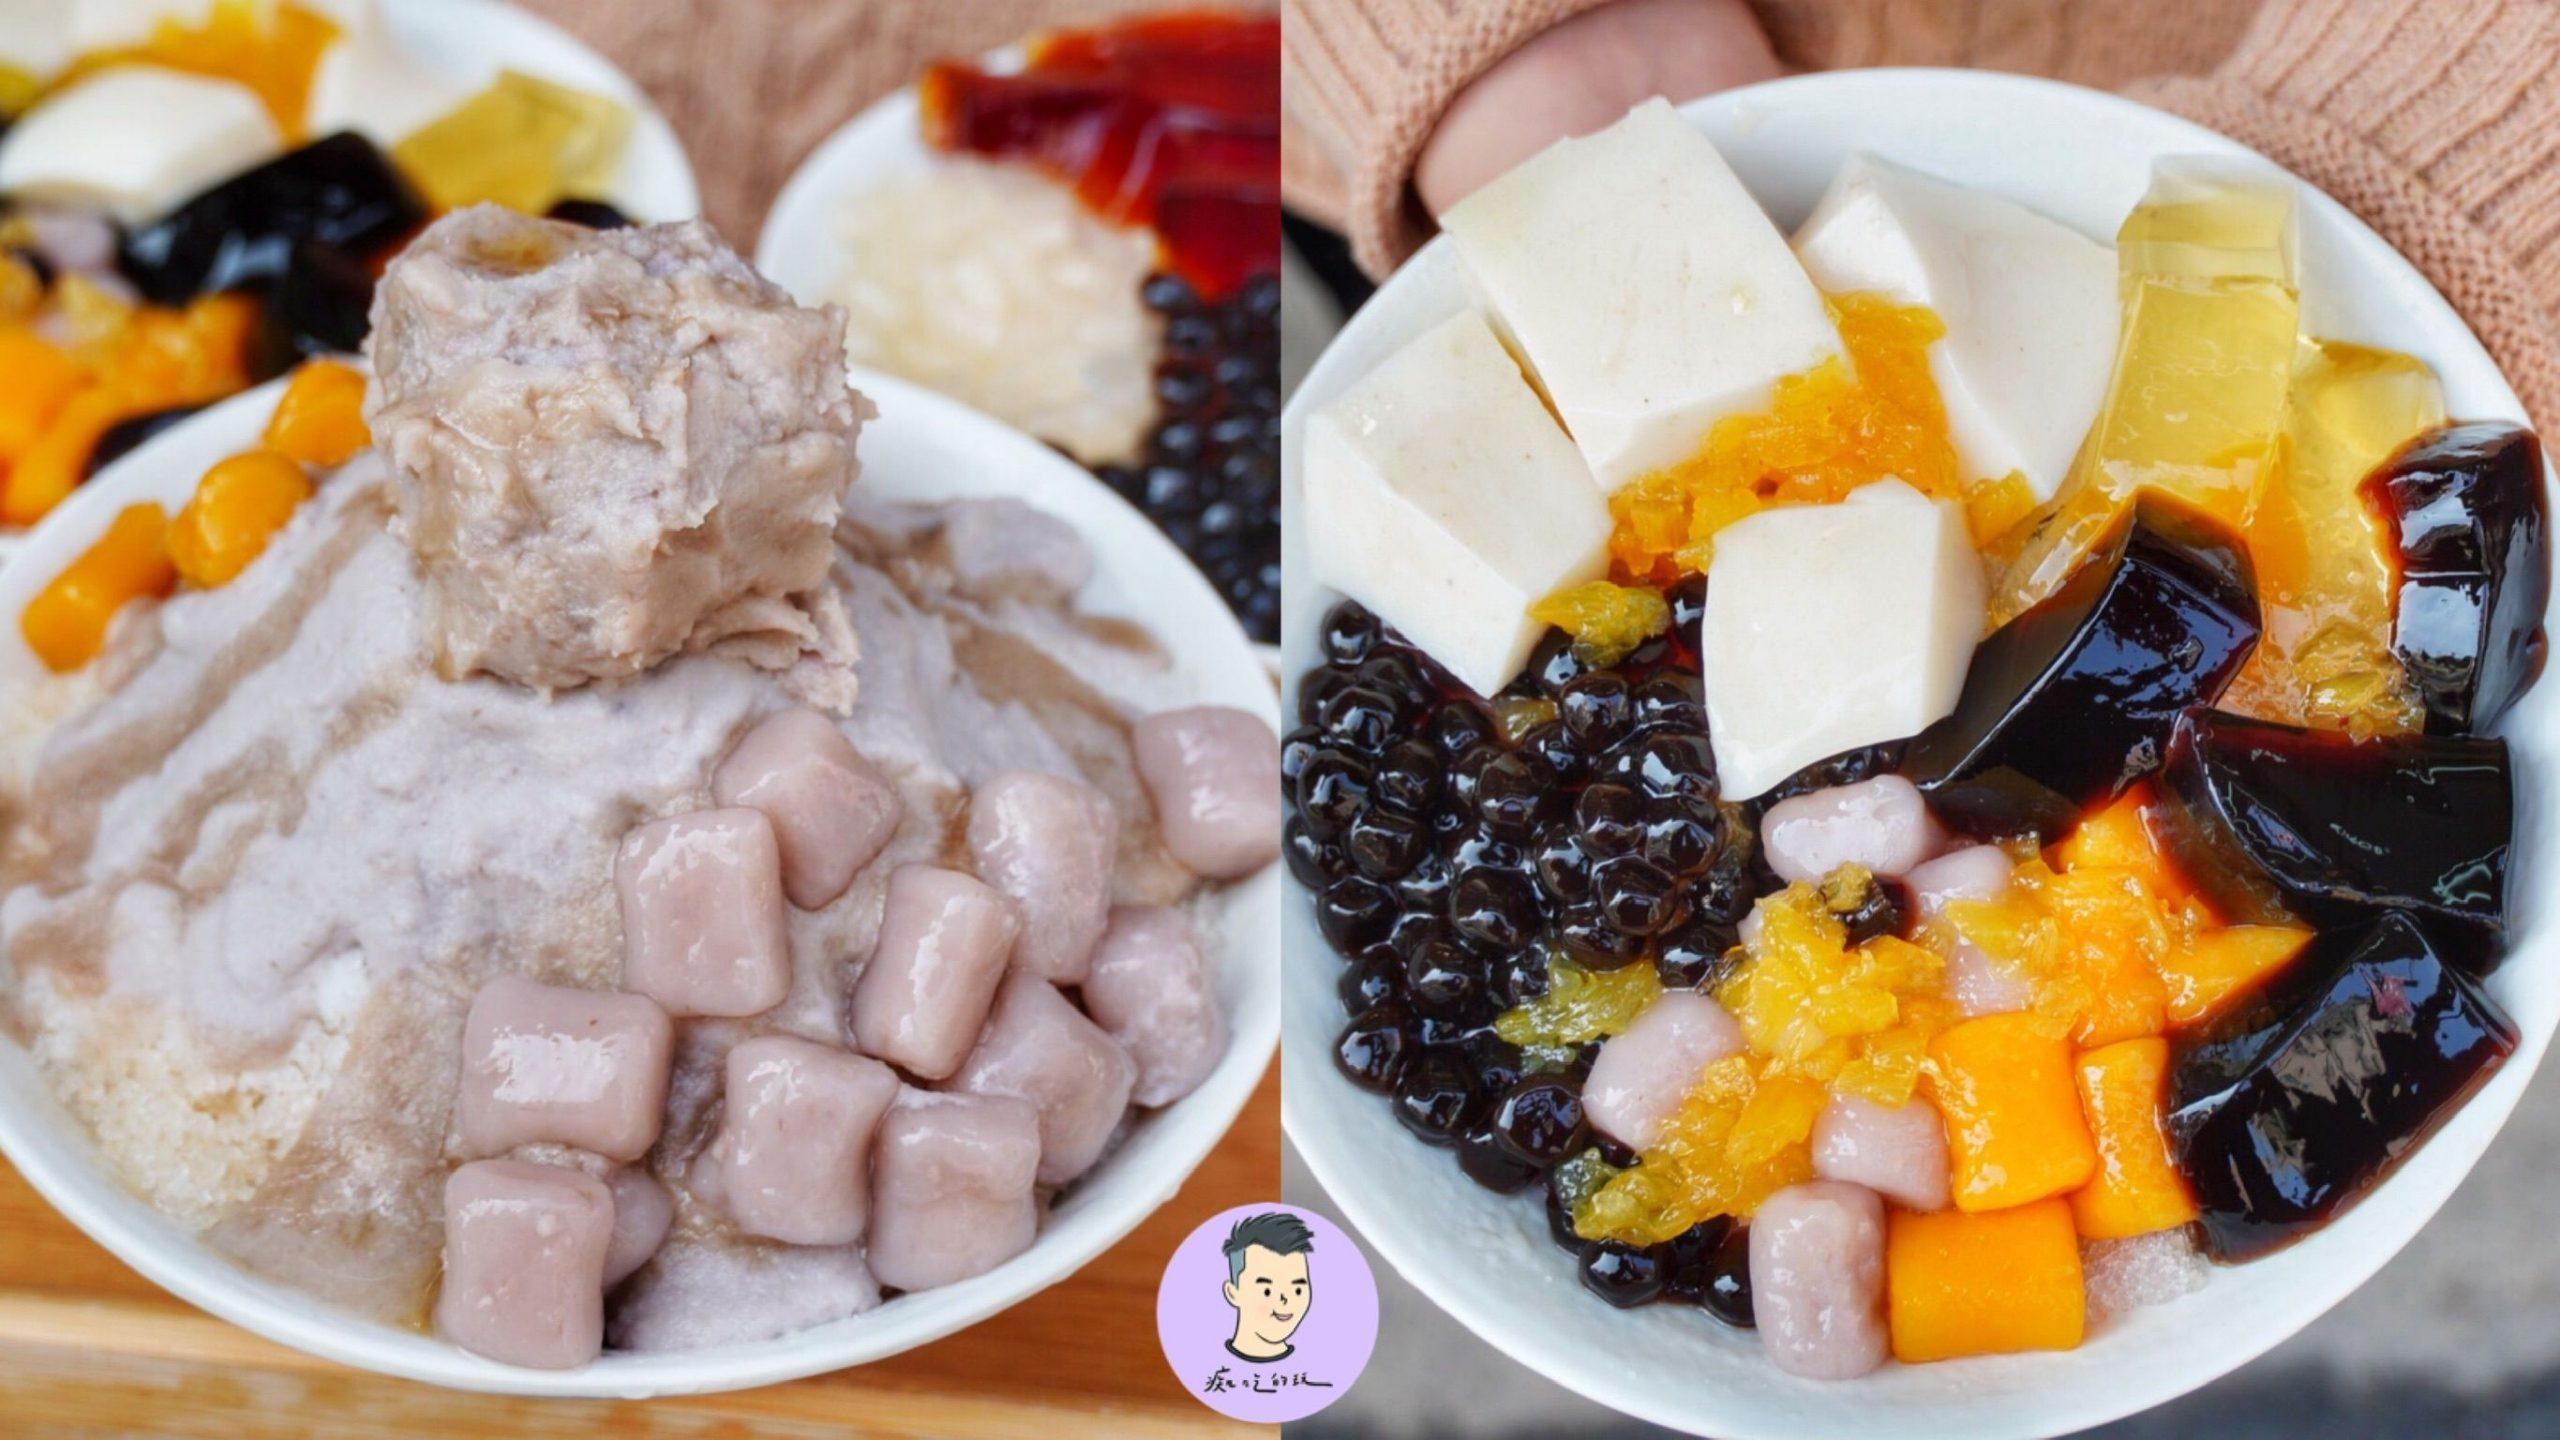 【嘉義美食】菓和茶推出「芋泥冰山」芋泥瀑布好邪惡!50元大碗公剉冰 料裝滿滿 cp值超高